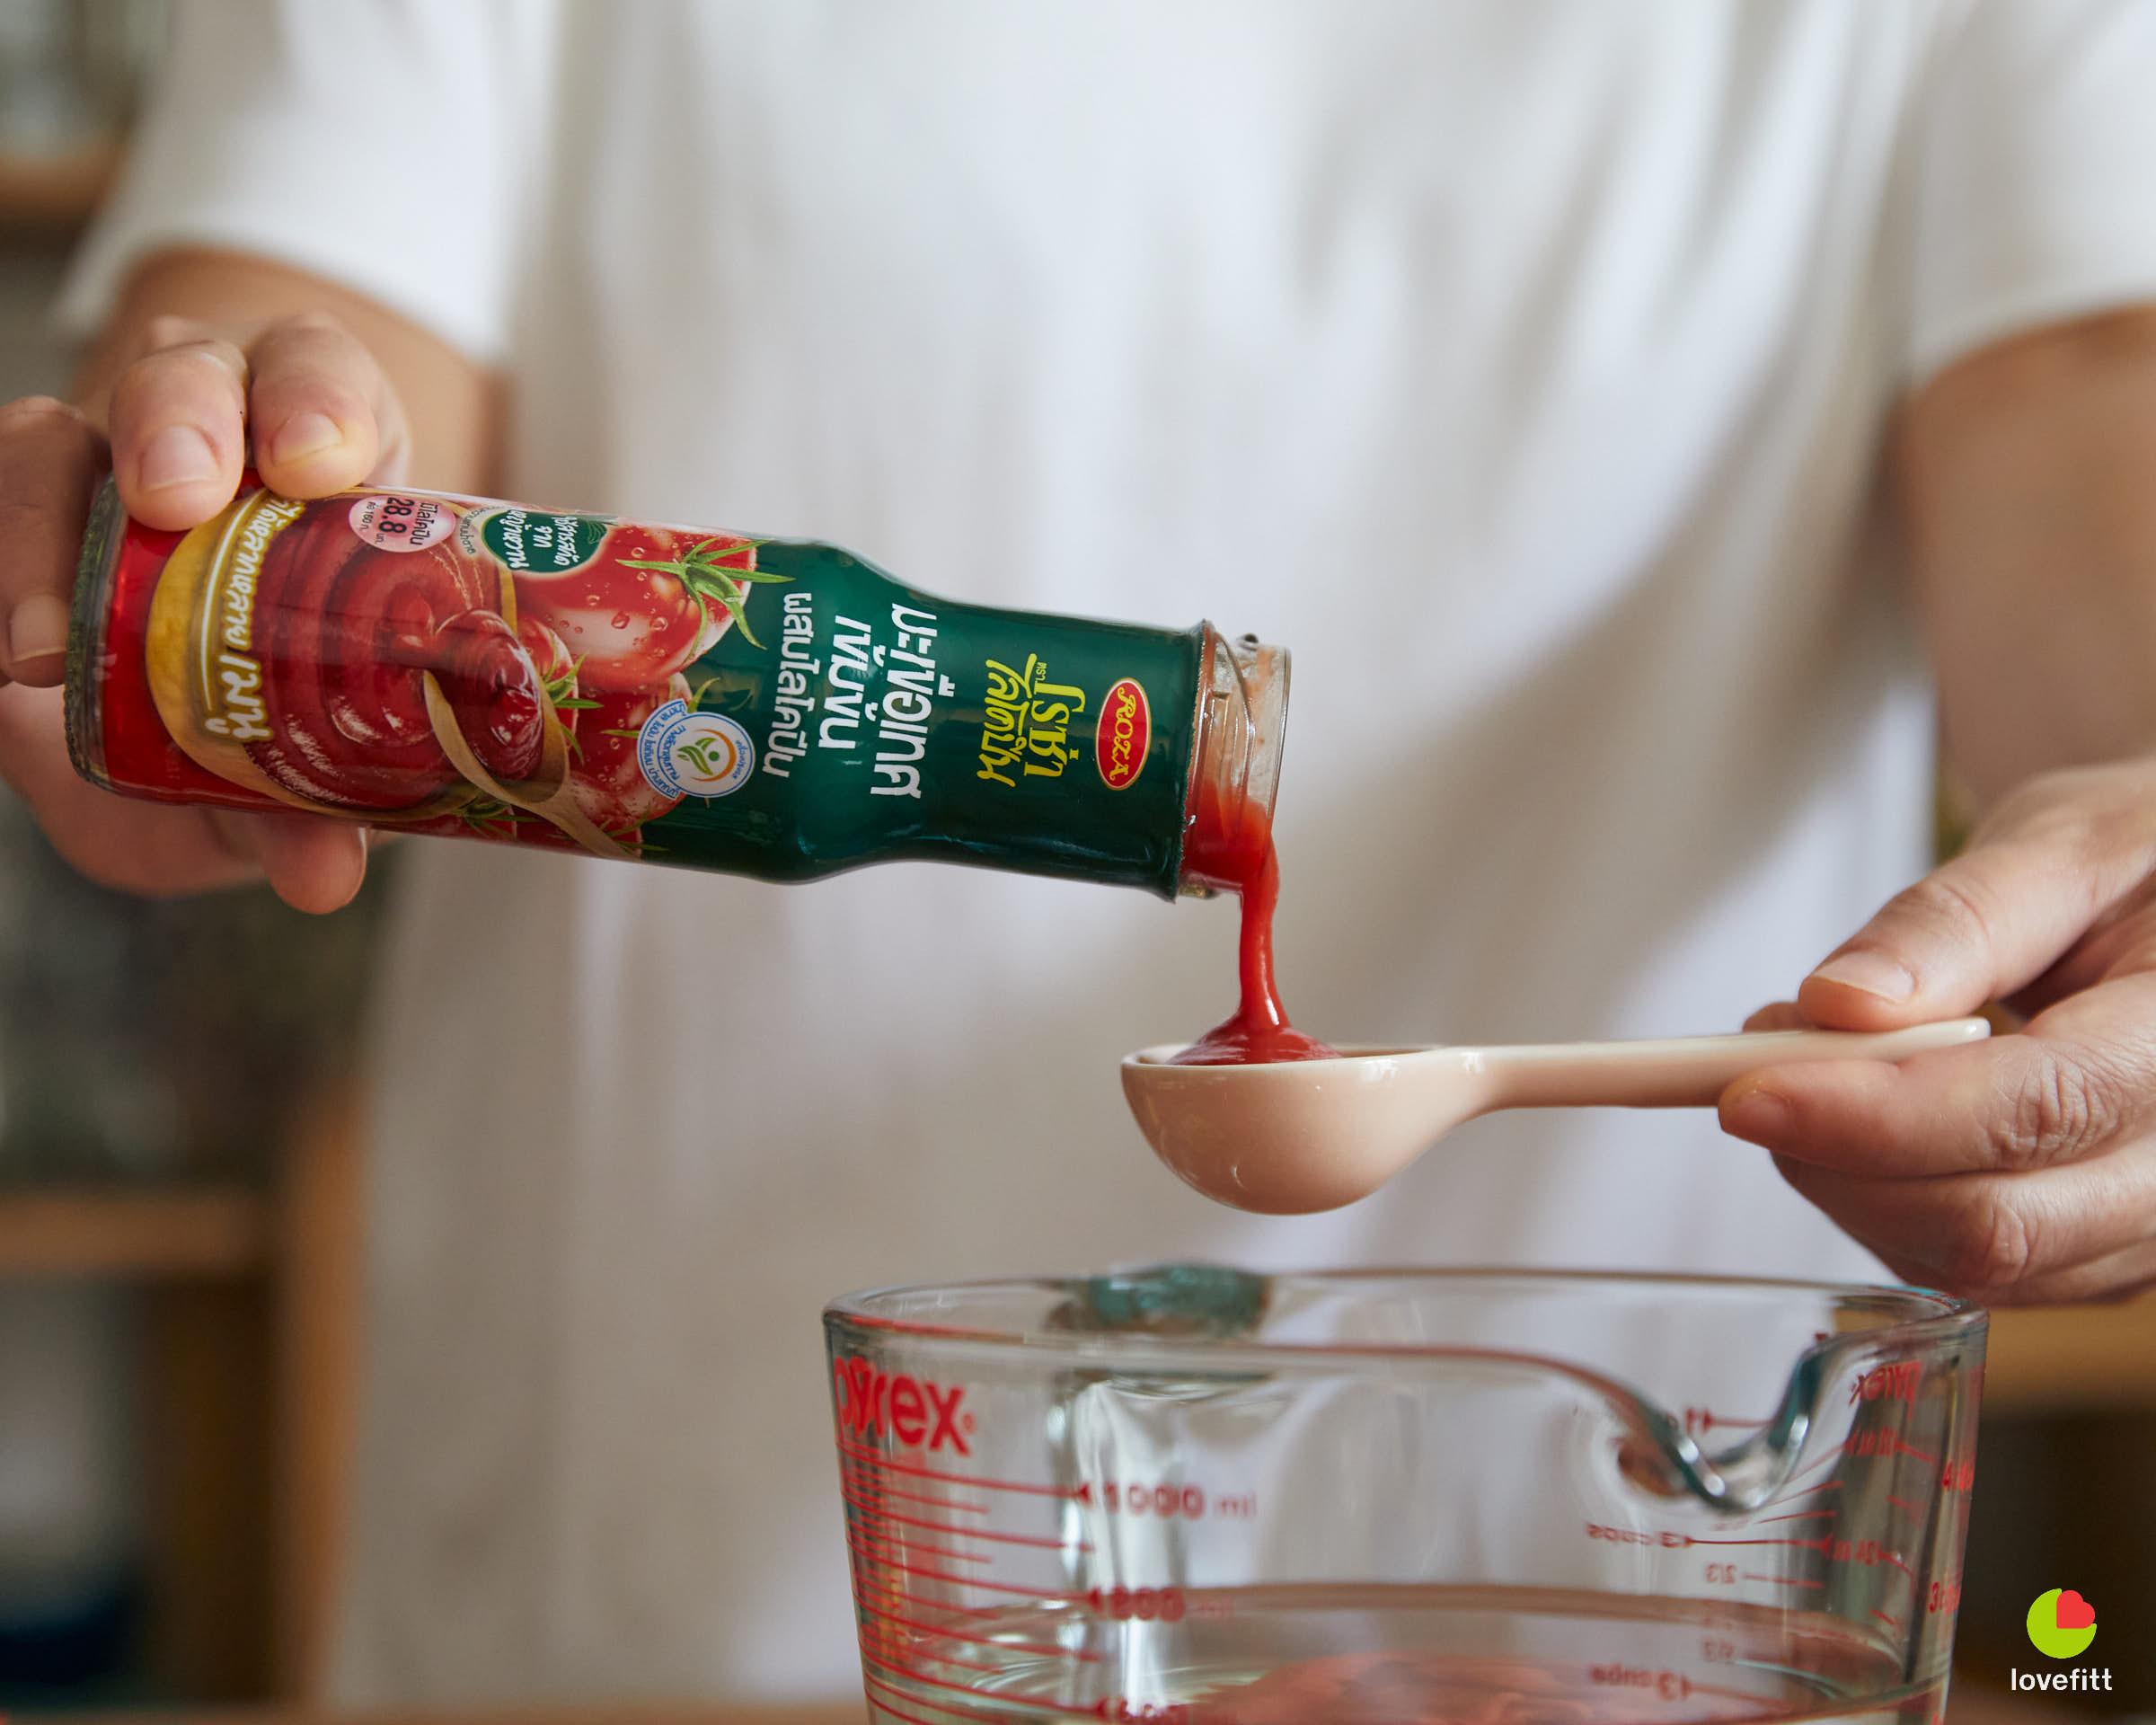 เทมะเขือเทศเข้นขนตราโรซ่าในช้อนตวง เพื่อทำ infused water